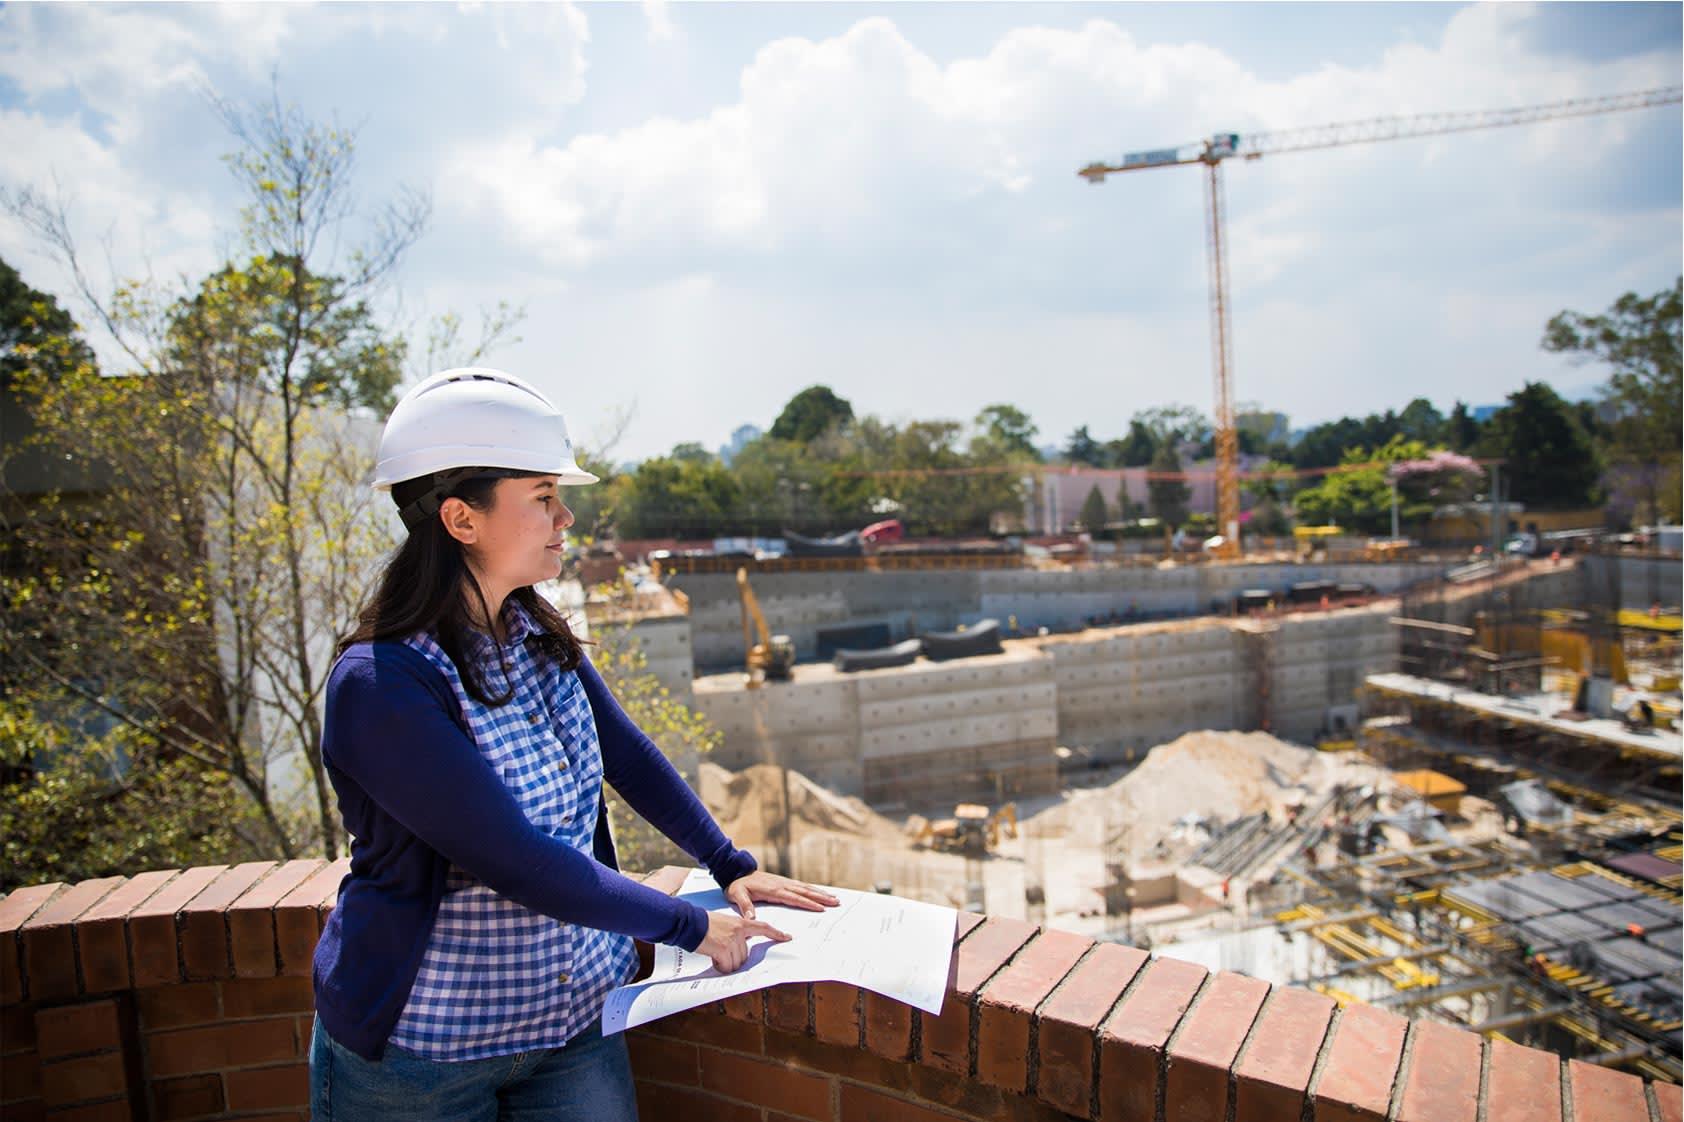 Día de la Mujer: Esmeralda Canahuí y su trabajo en la construcción del CIT